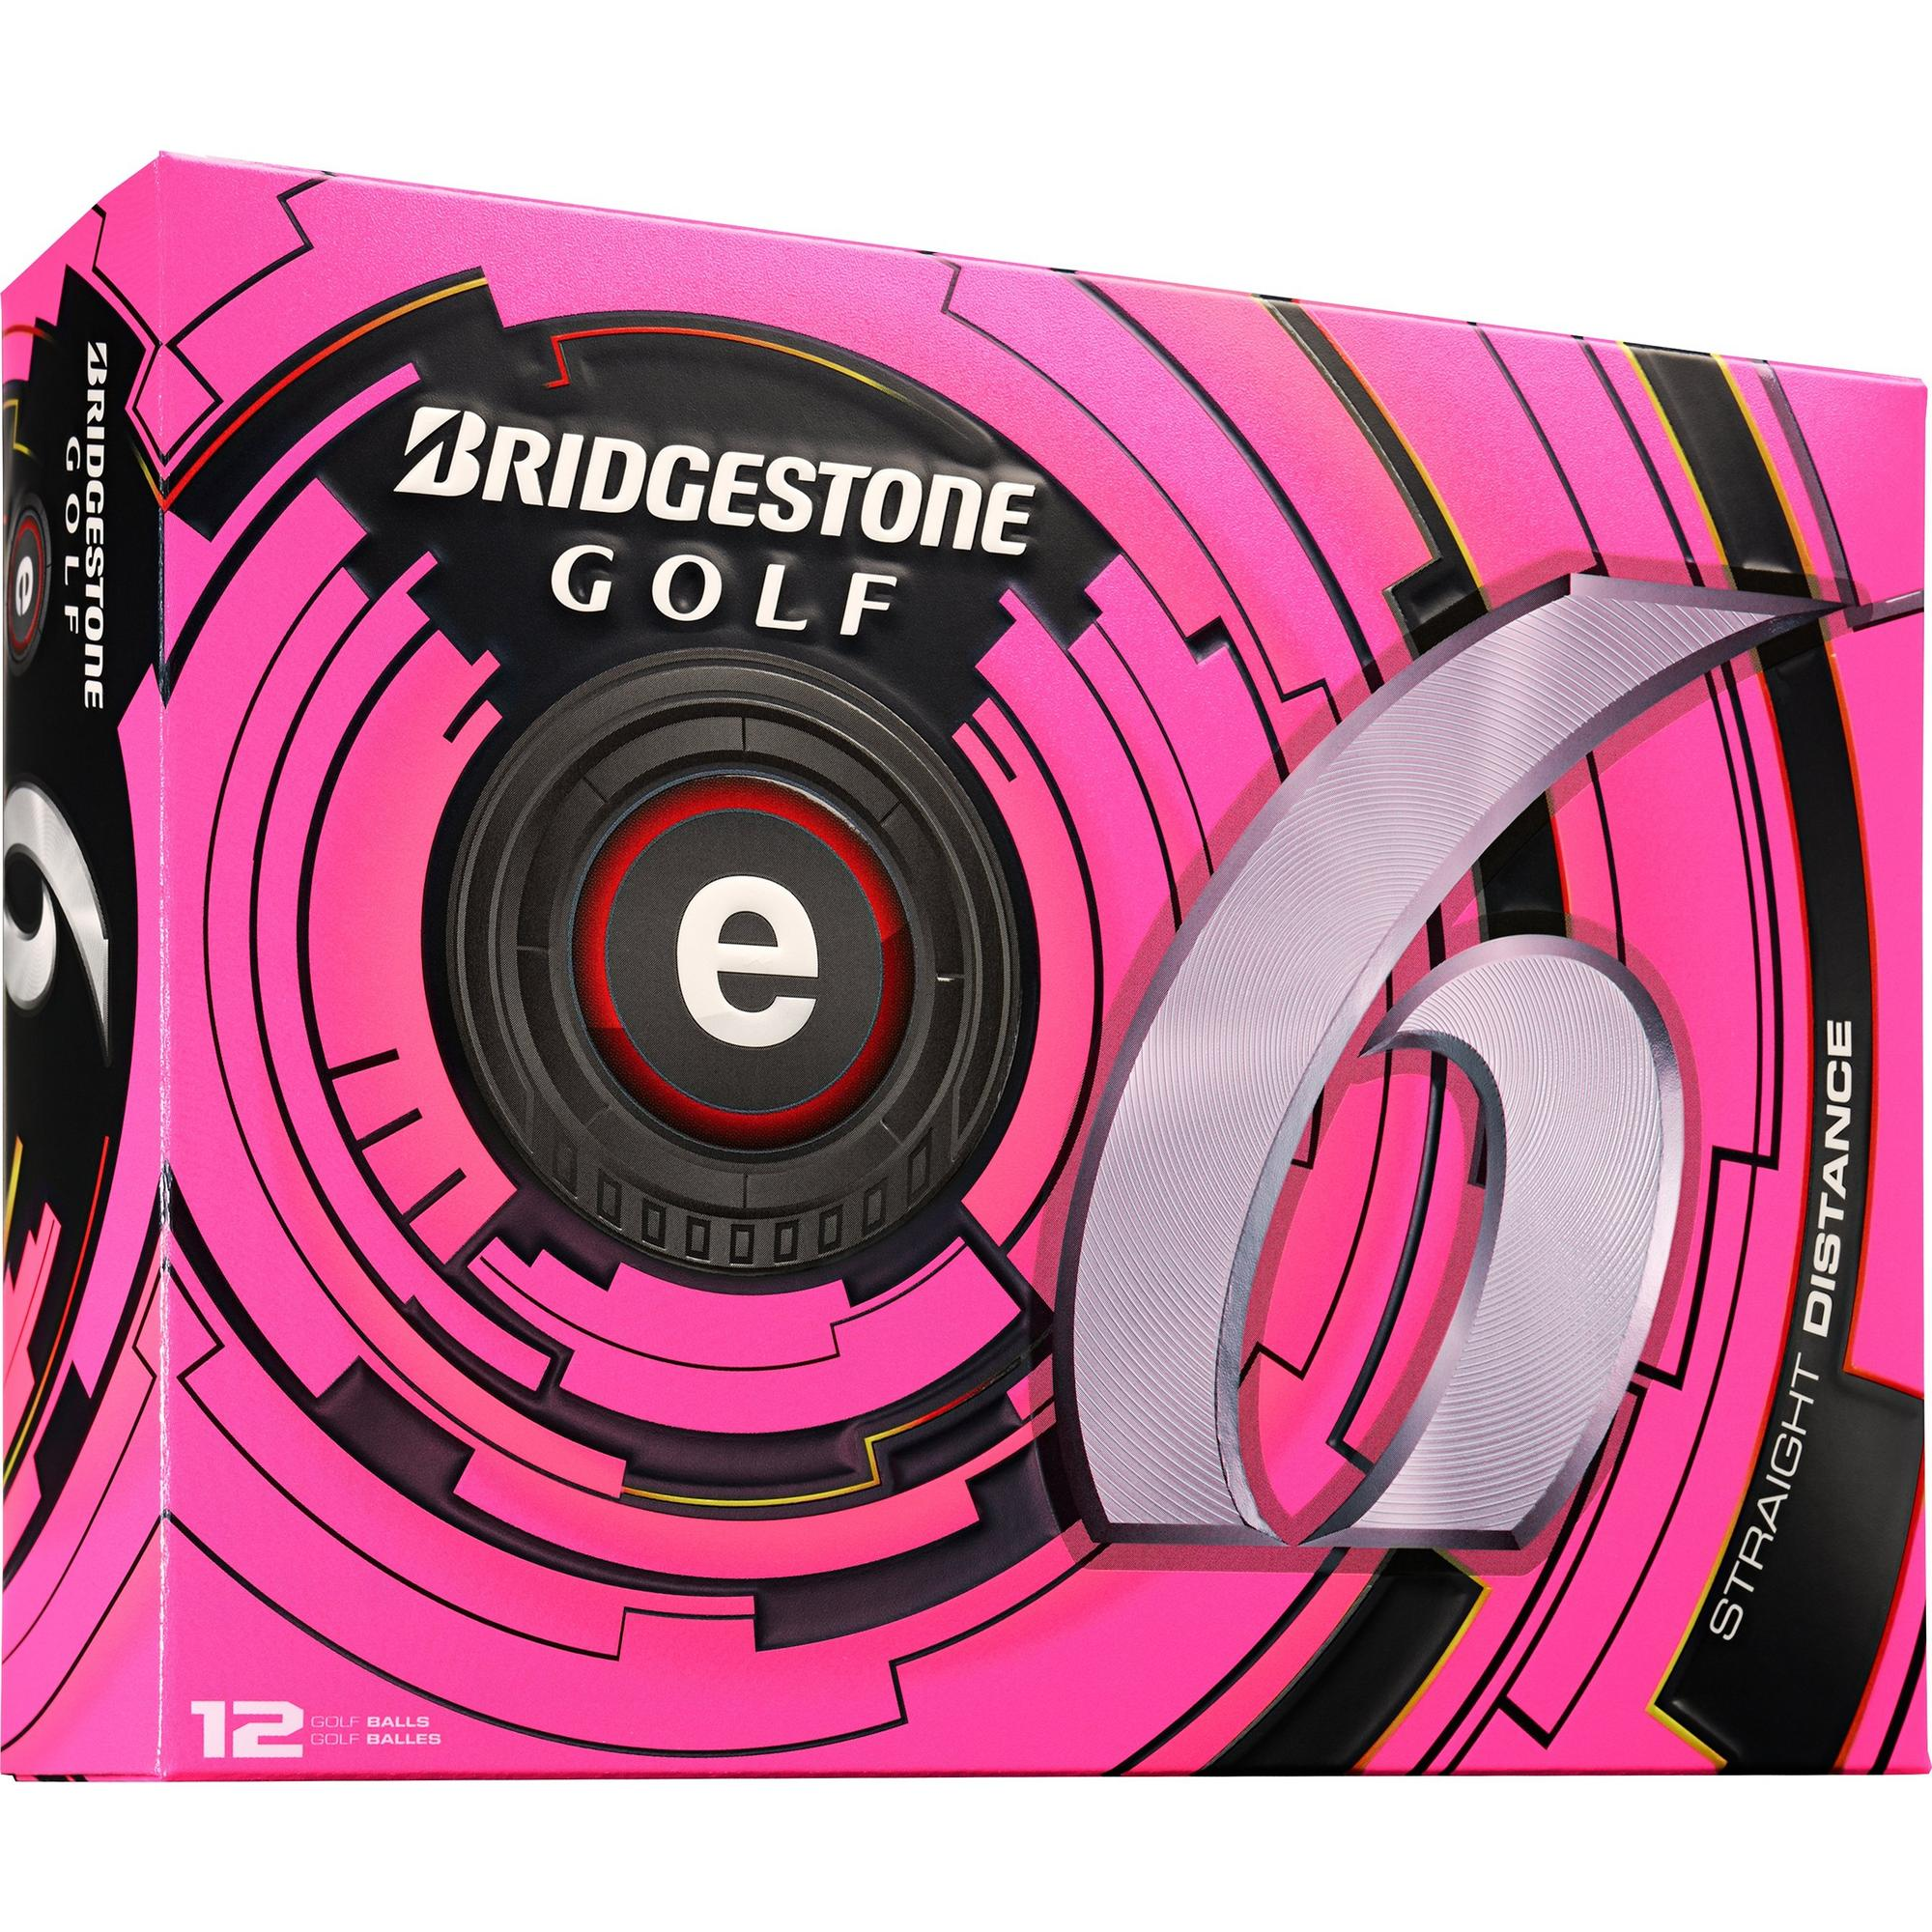 e6 Pink Golf Balls